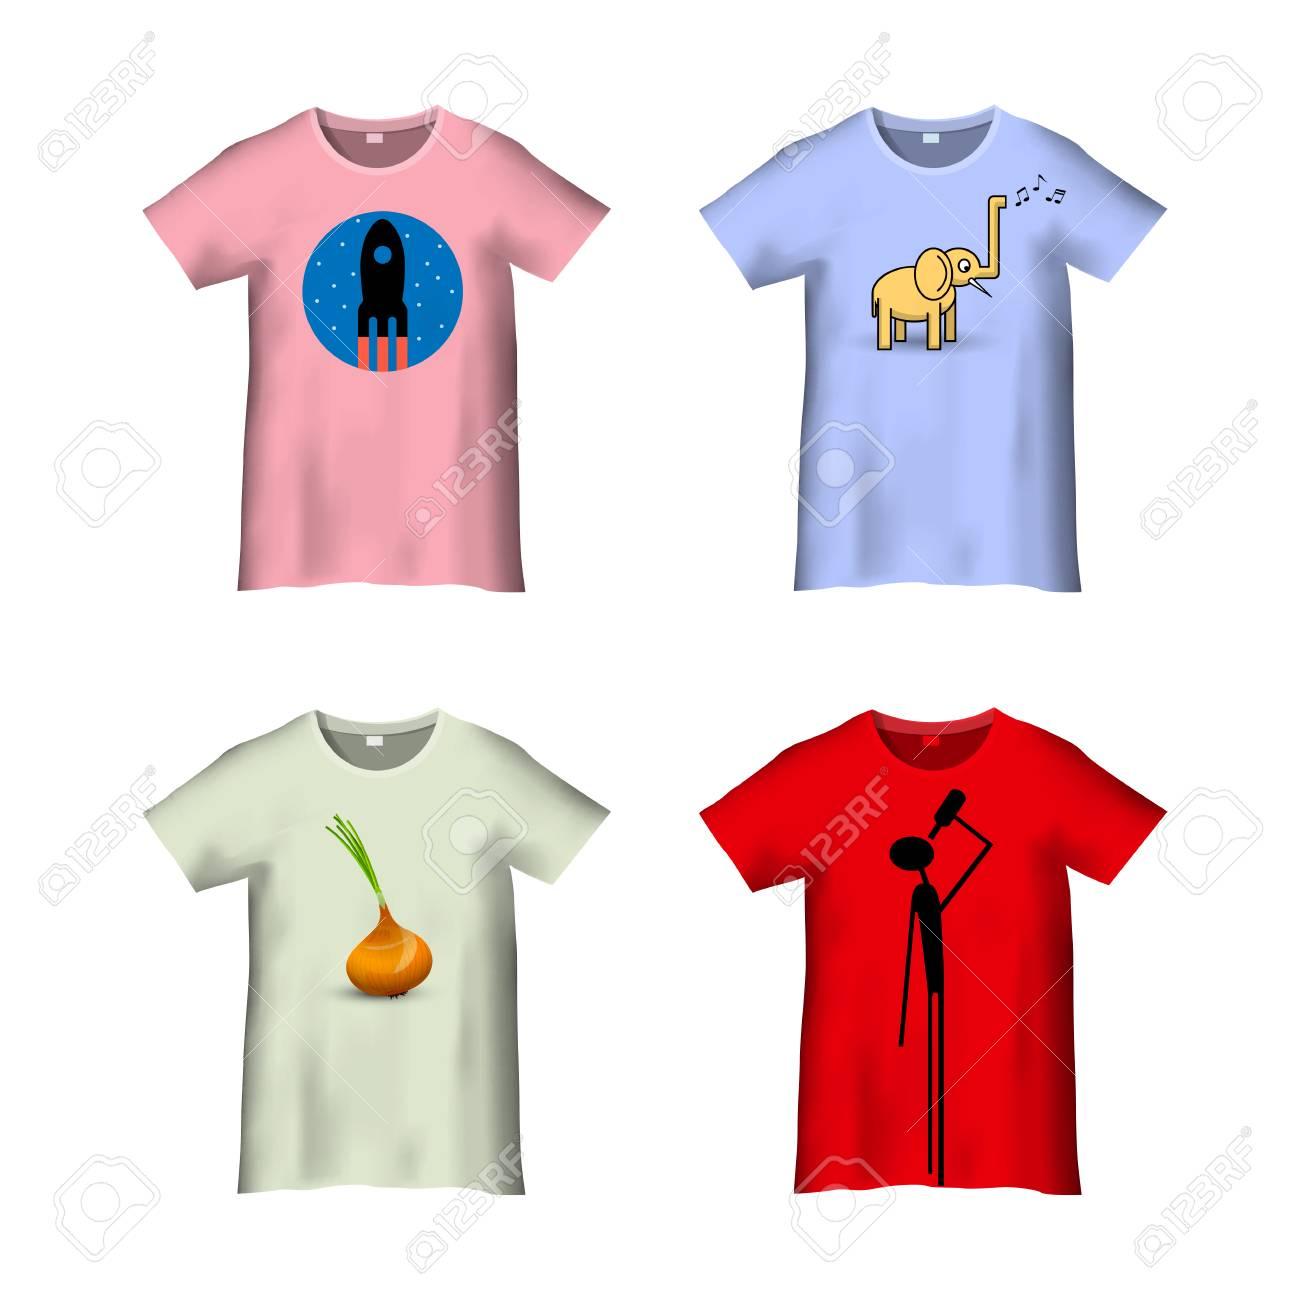 T-Shirt-Vorlage Mit Verschiedenen Drucken - Variation 4. Vektor-Set ...